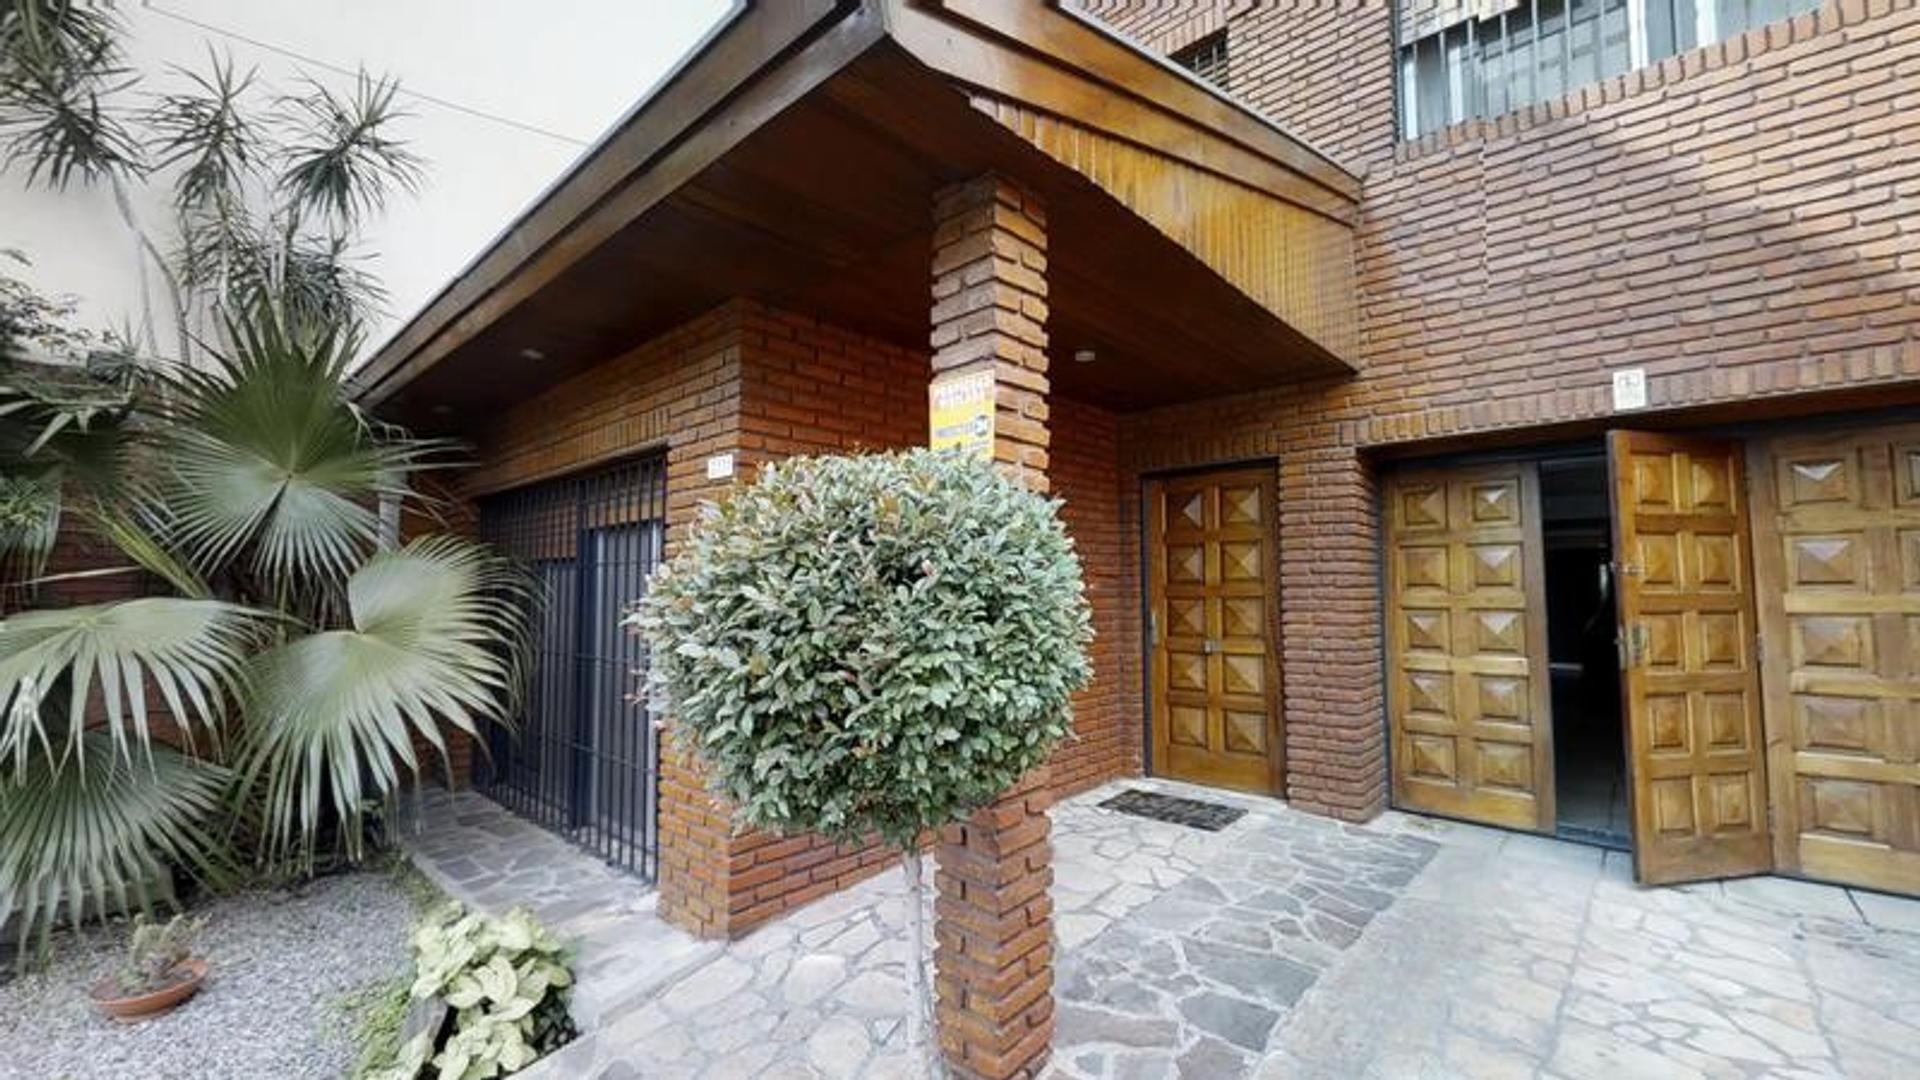 Casa - 5 Dormitorios - Jardin - Pileta - 2 cocheras - Venta